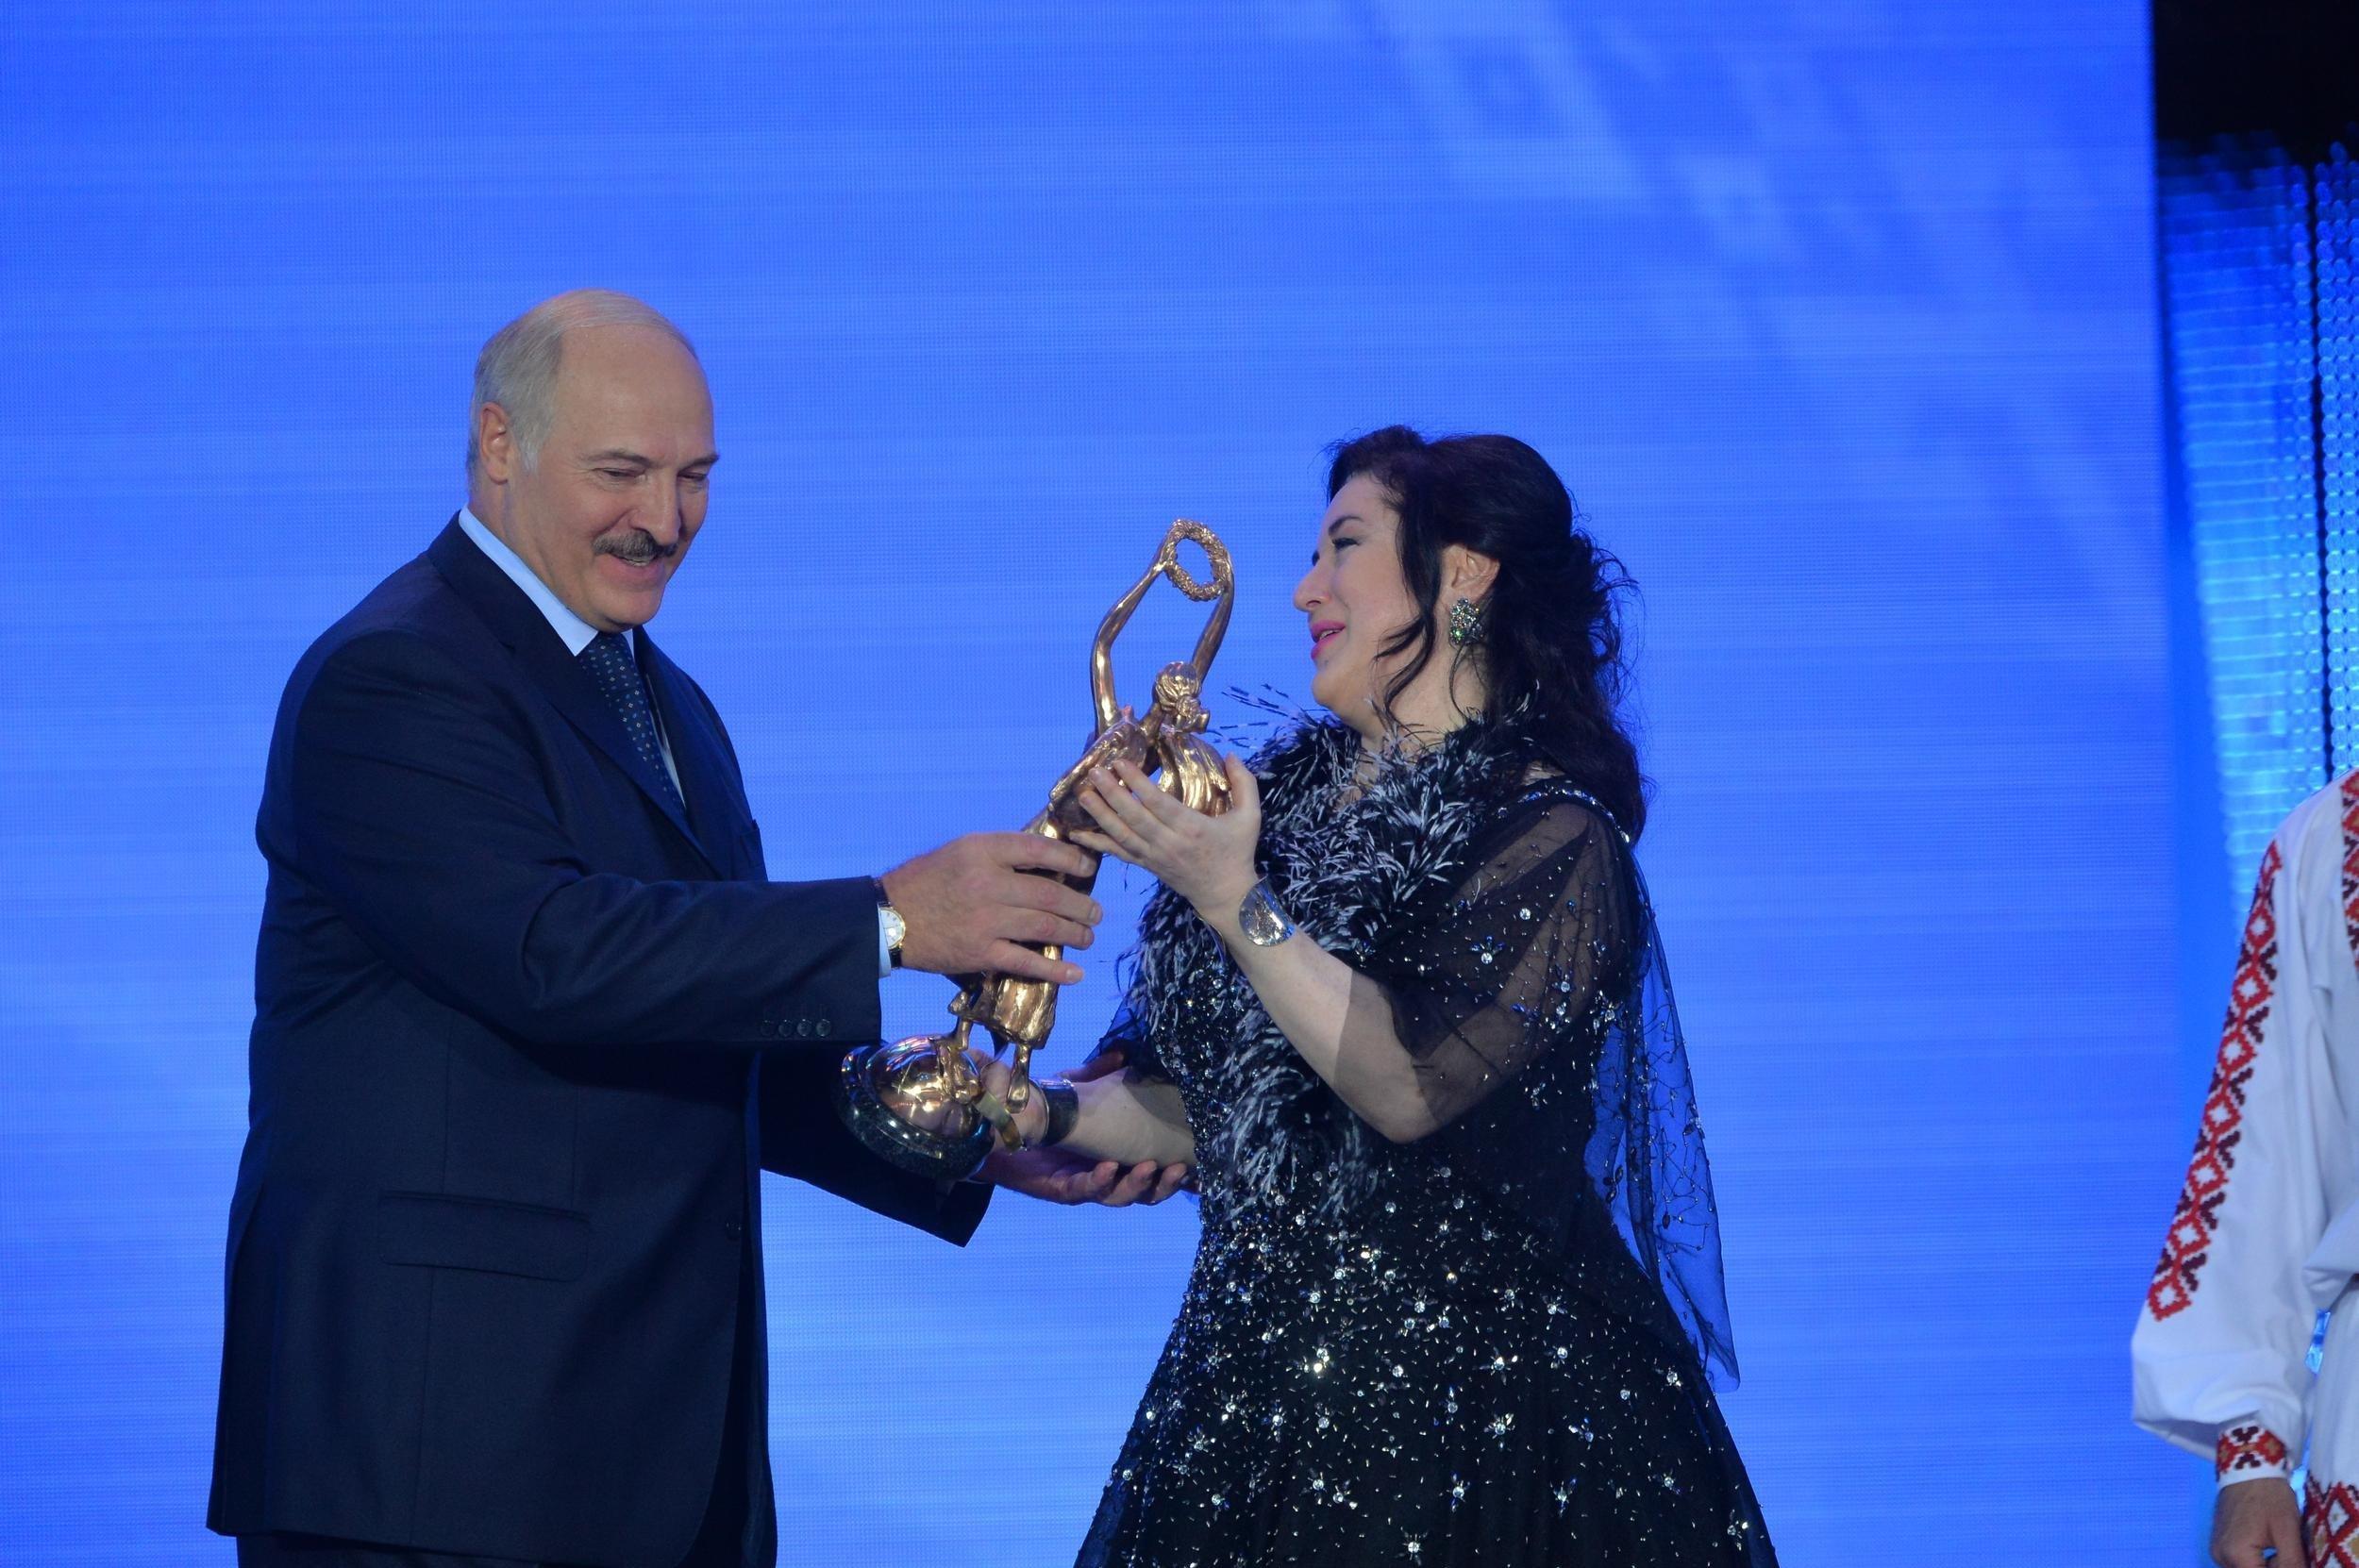 Президент Беларуси вручил Тамаре Гвердцители награду Через искусство - к миру и взаимопониманию